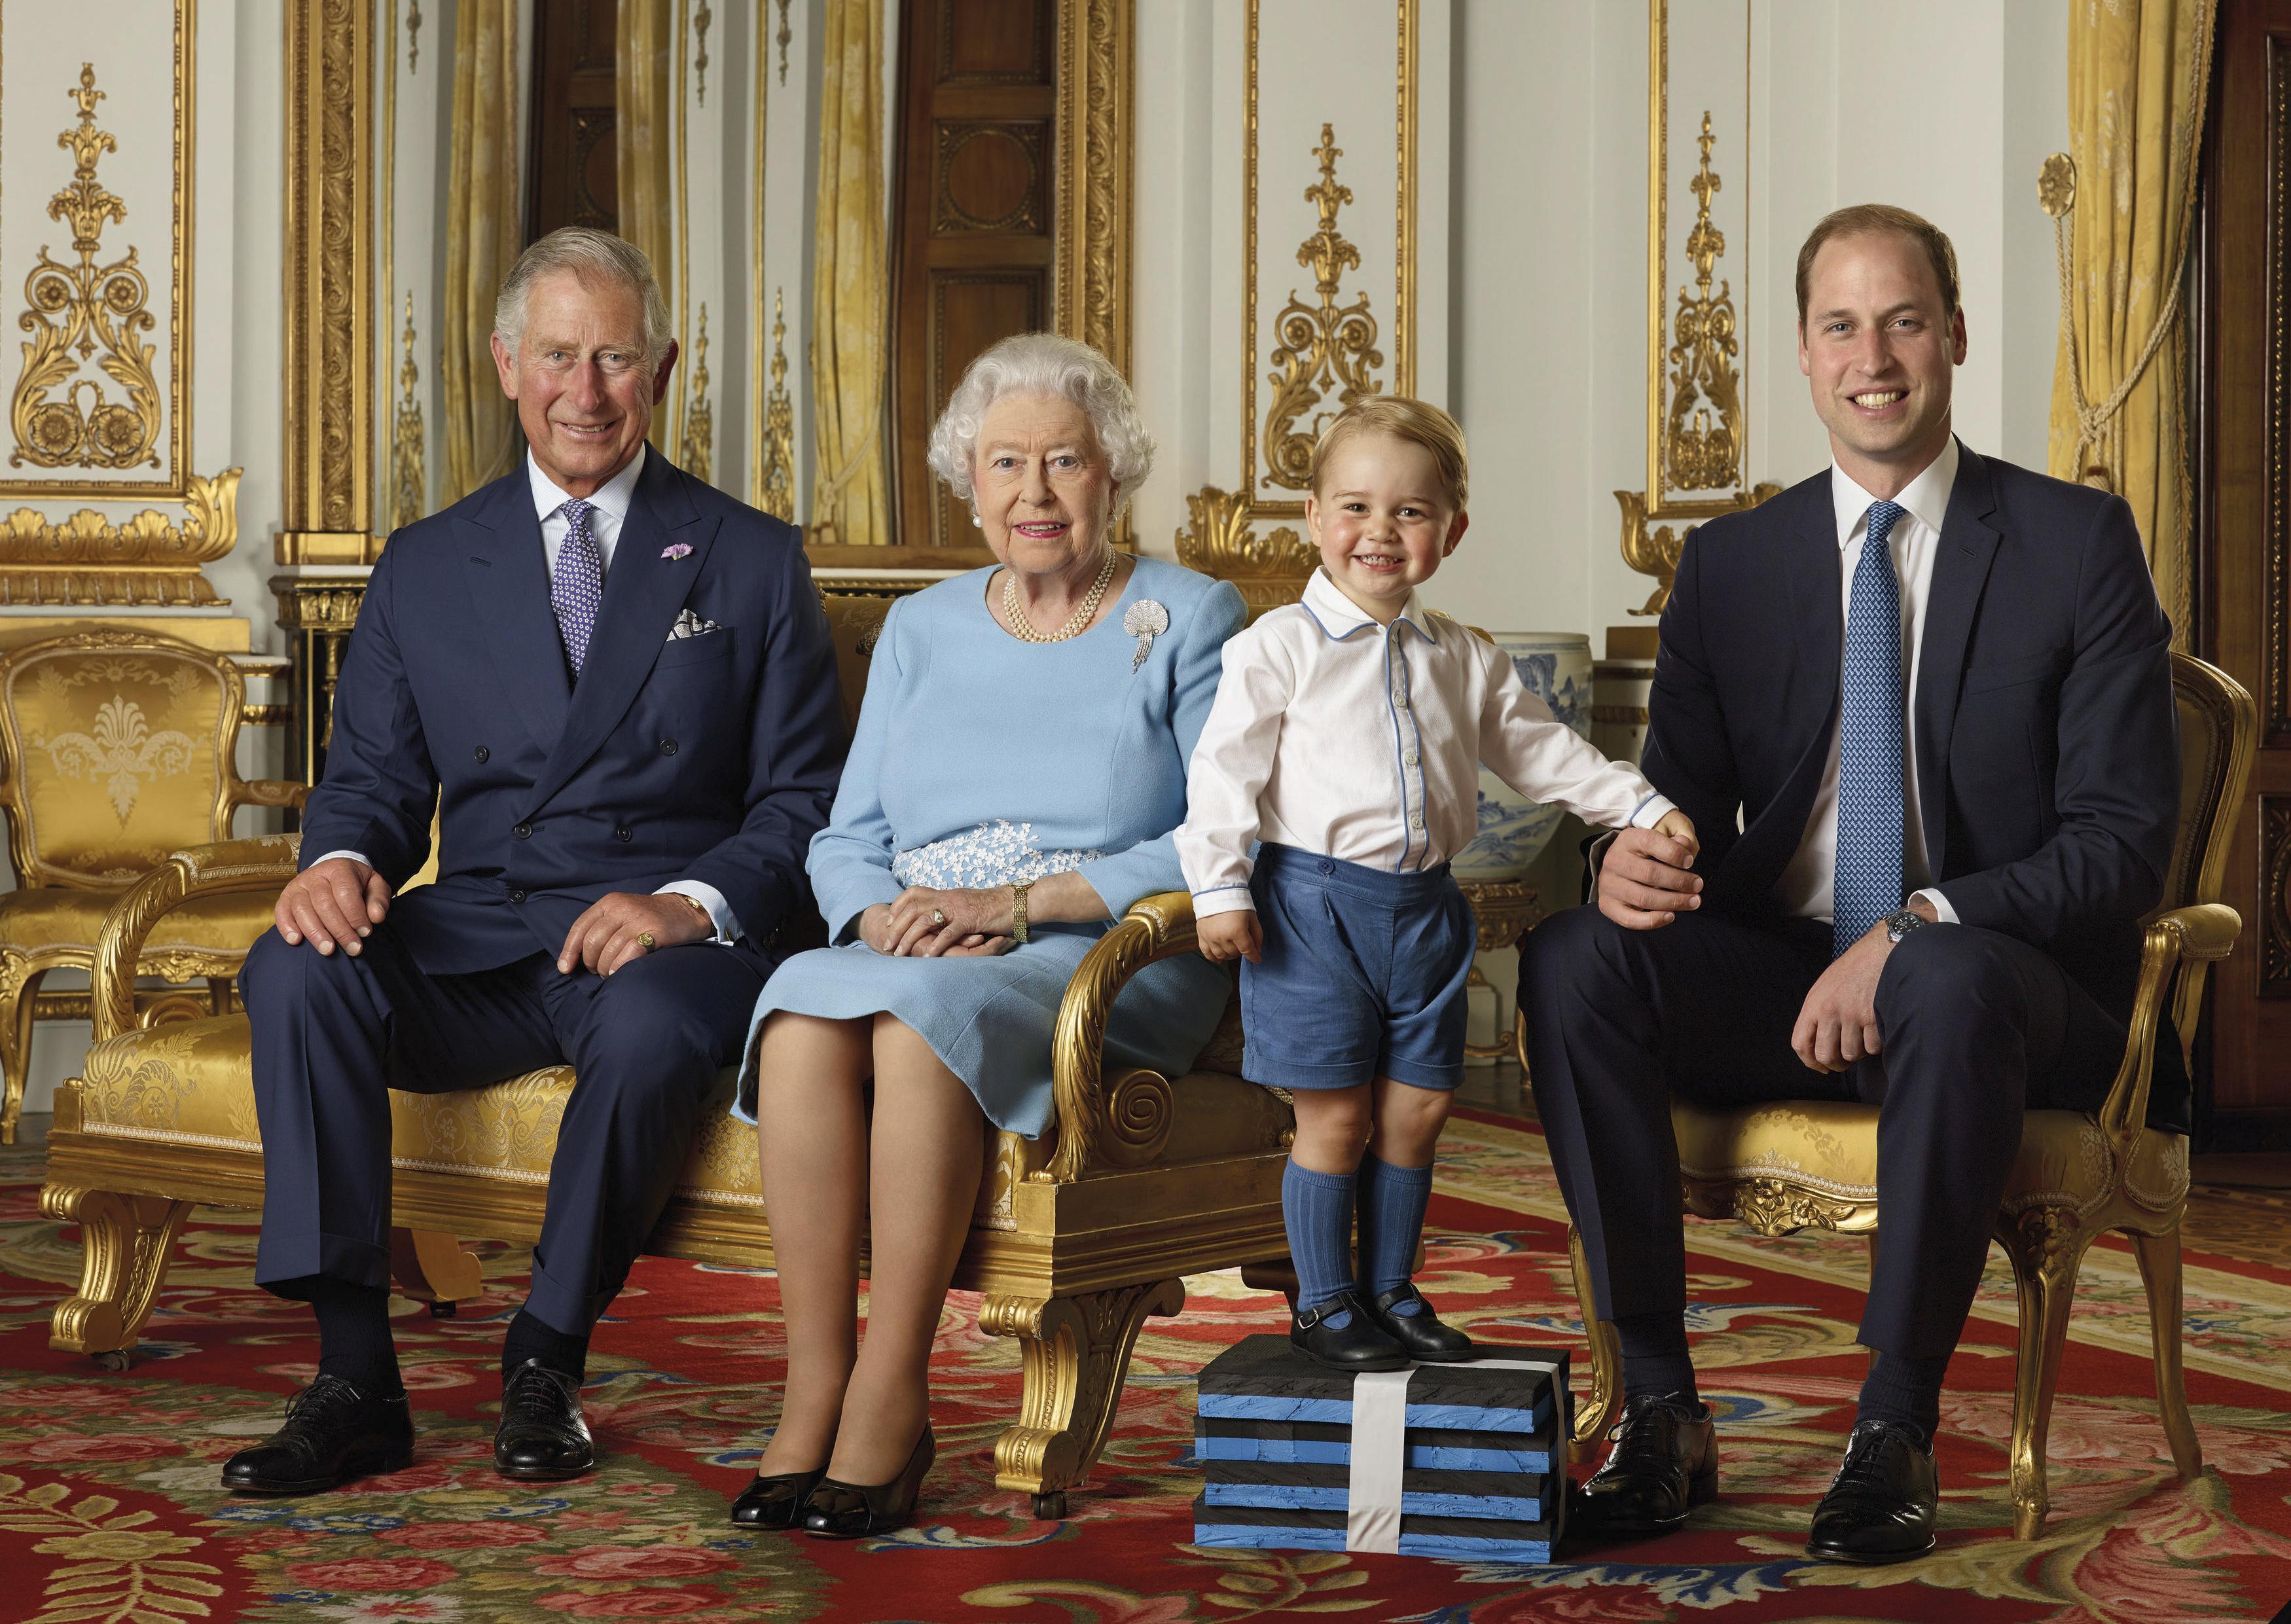 Фото дня: Принц Джордж затмил всех на фото четырех поколений семьи британского монарха - картинки, знаменитости, дети